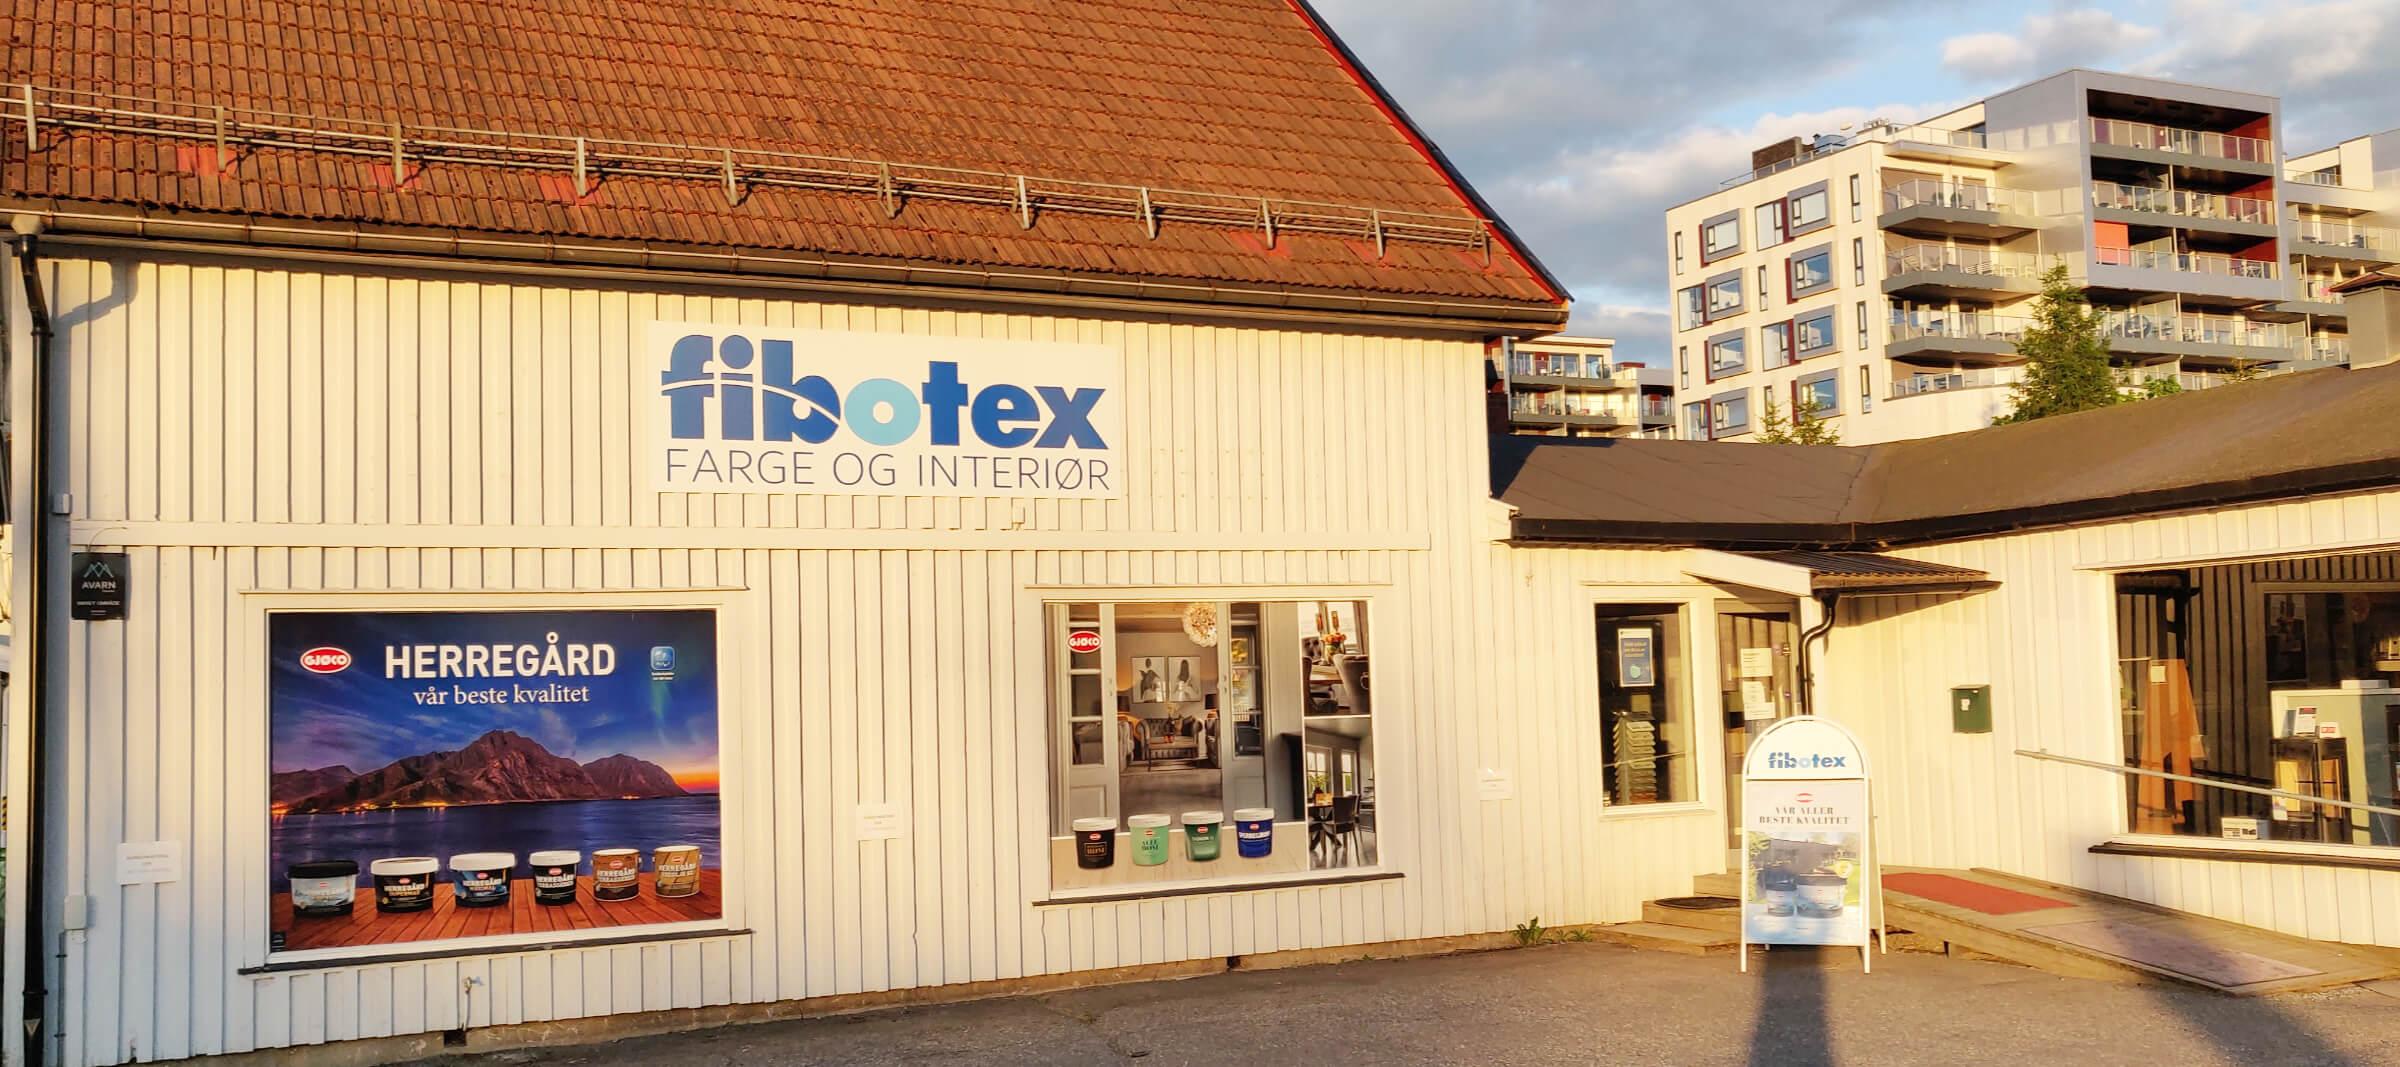 Fibotex – farge og interiør